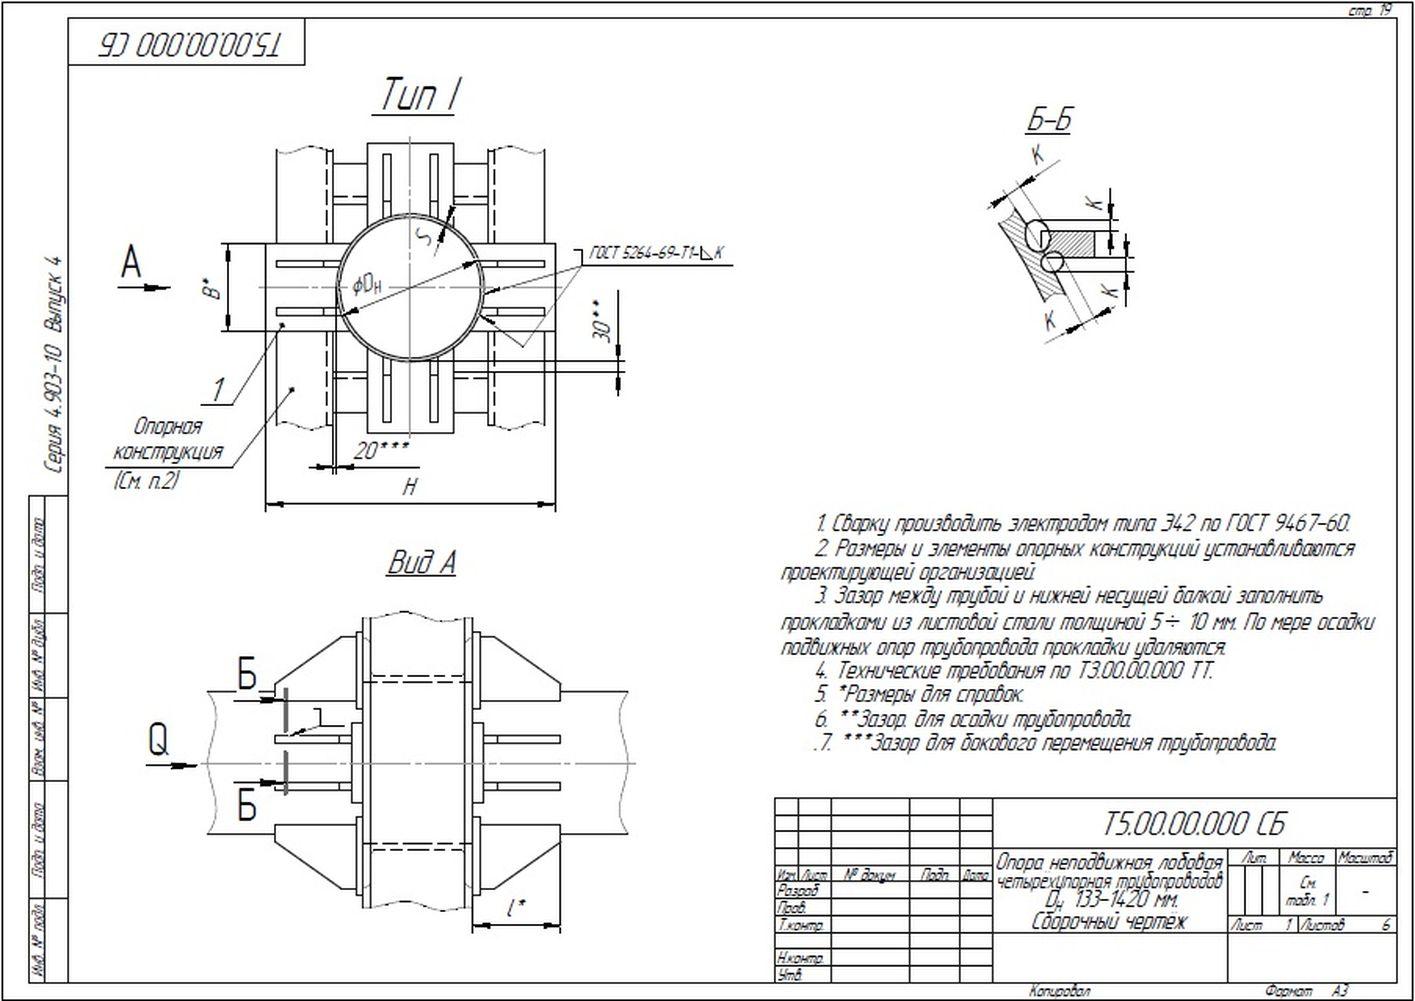 Опора неподвижная лобовая четырехупорная Т5 серия 4.903-10 вып.4 стр.1